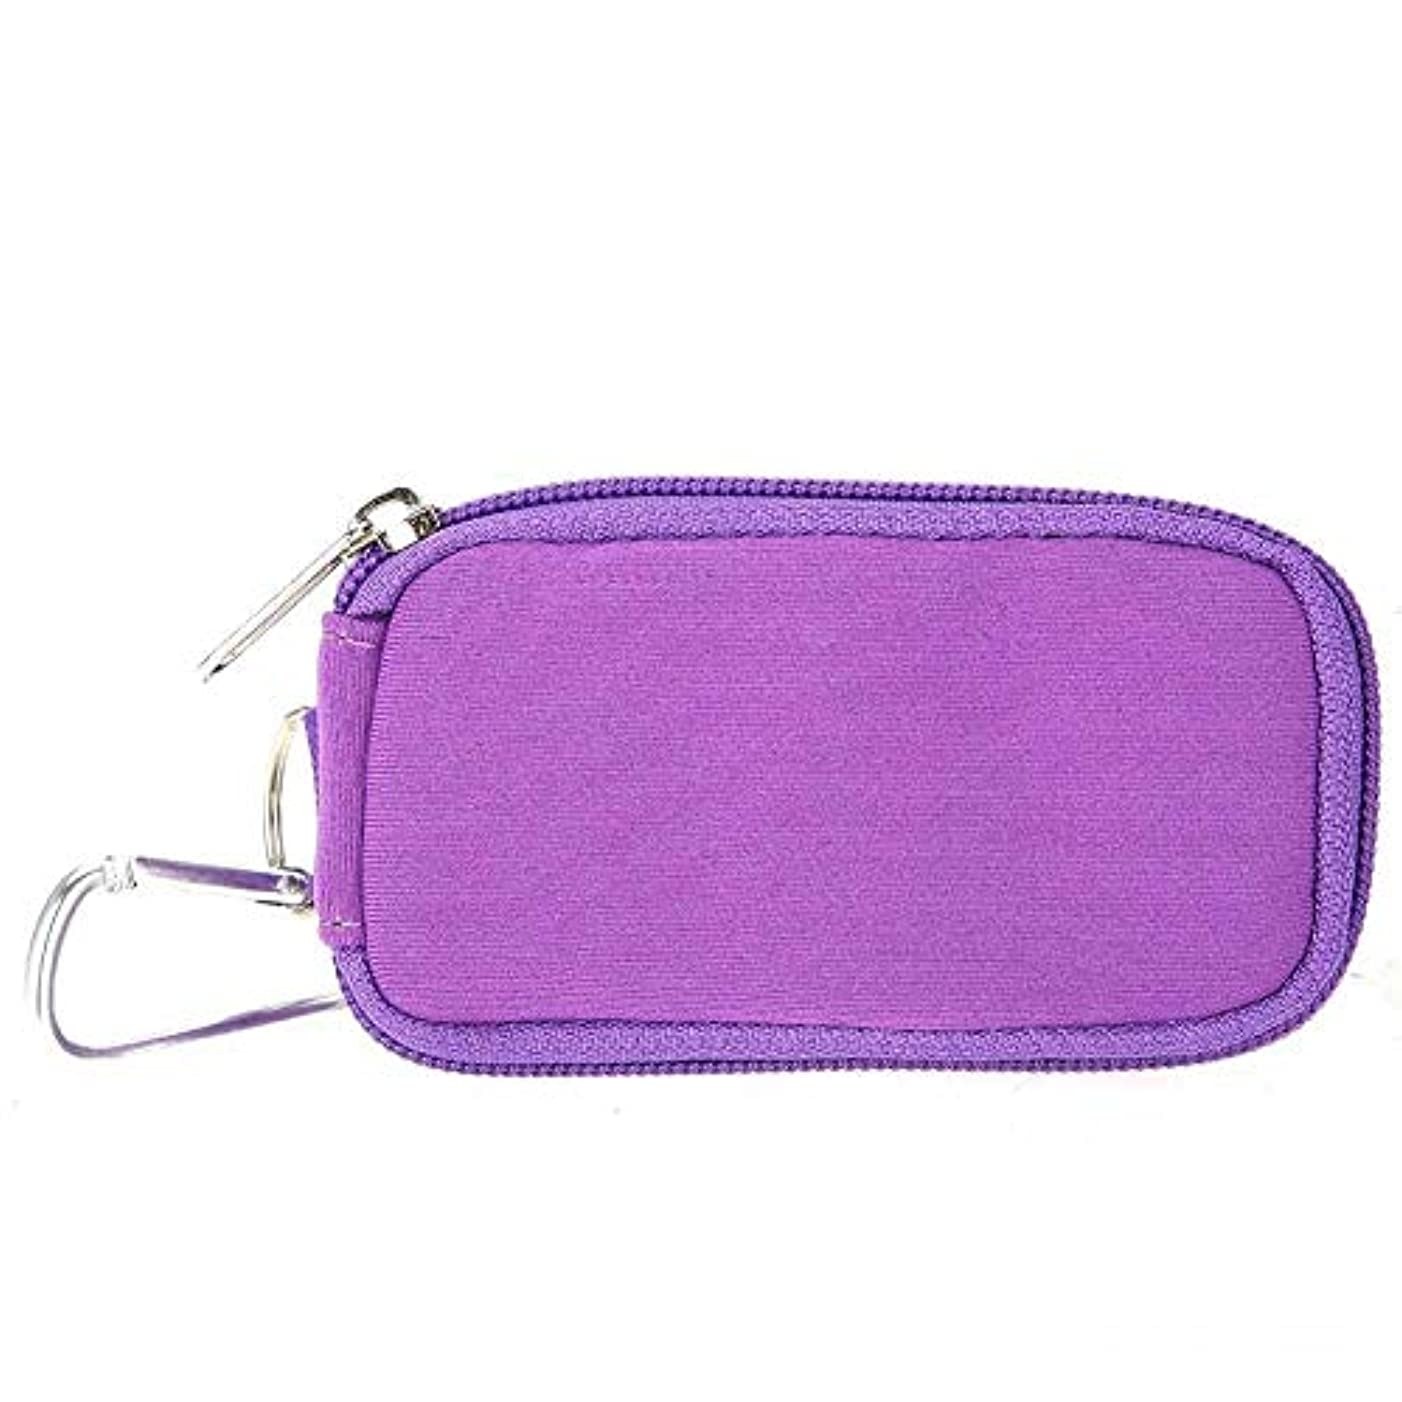 光電契約摂動ローラーボトル用10スロットエッセンシャルオイルバッグ防水ハードシェルバッグオーガナイザーケース、ポータブルローラーミニエッセンシャルオイルボトルは、旅行キャリングストレージバッグを保持します(紫の)